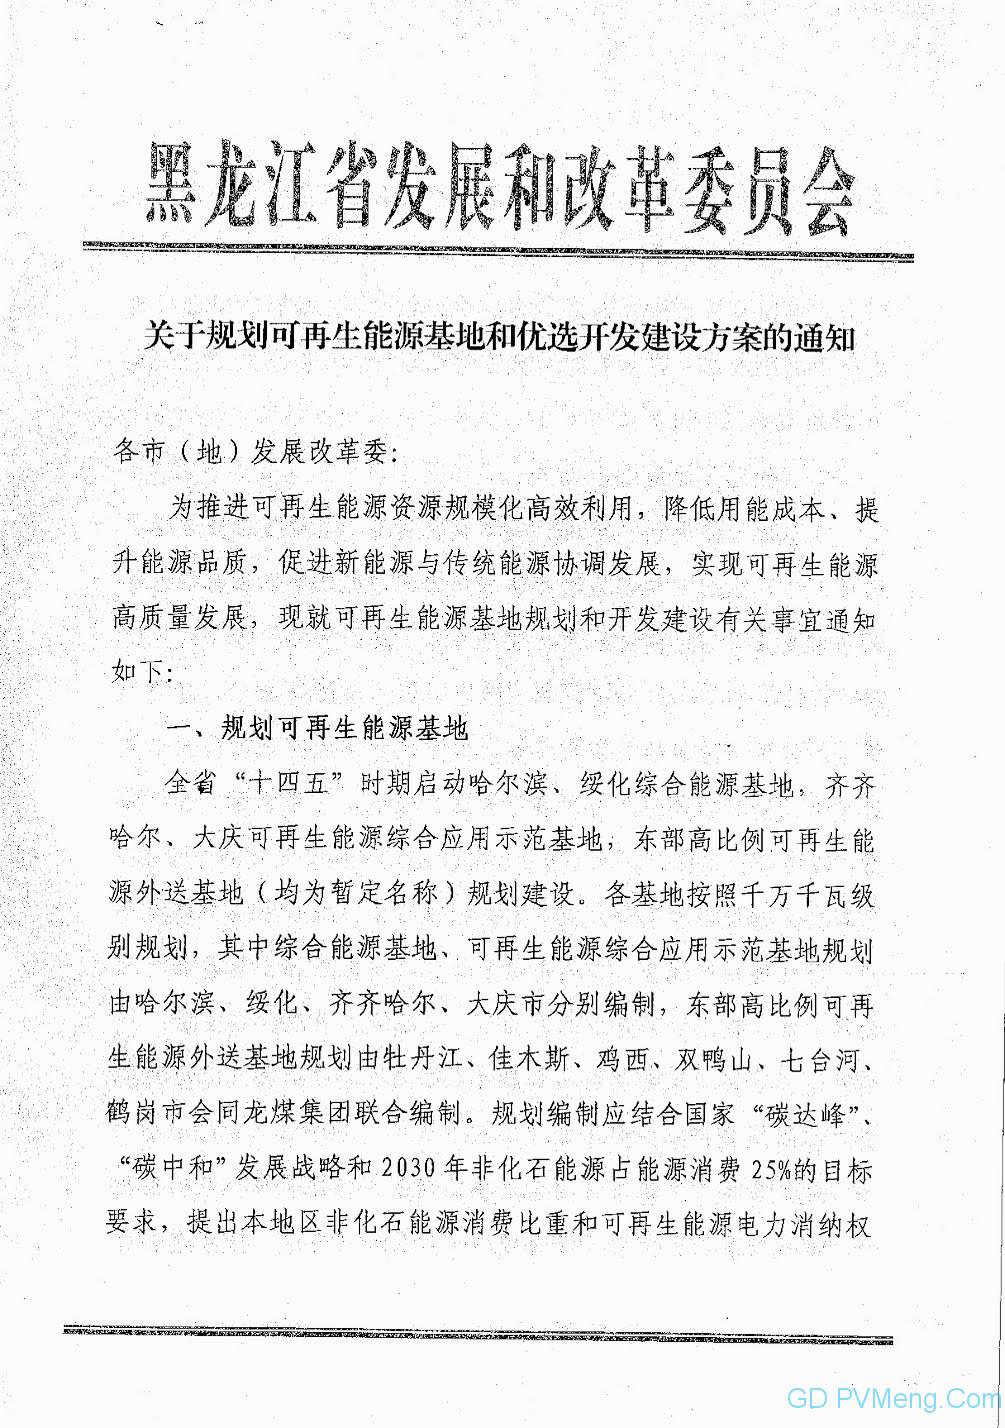 黑龙江省关于规划可再生能源基地和优选开发建设方案的通知20210315